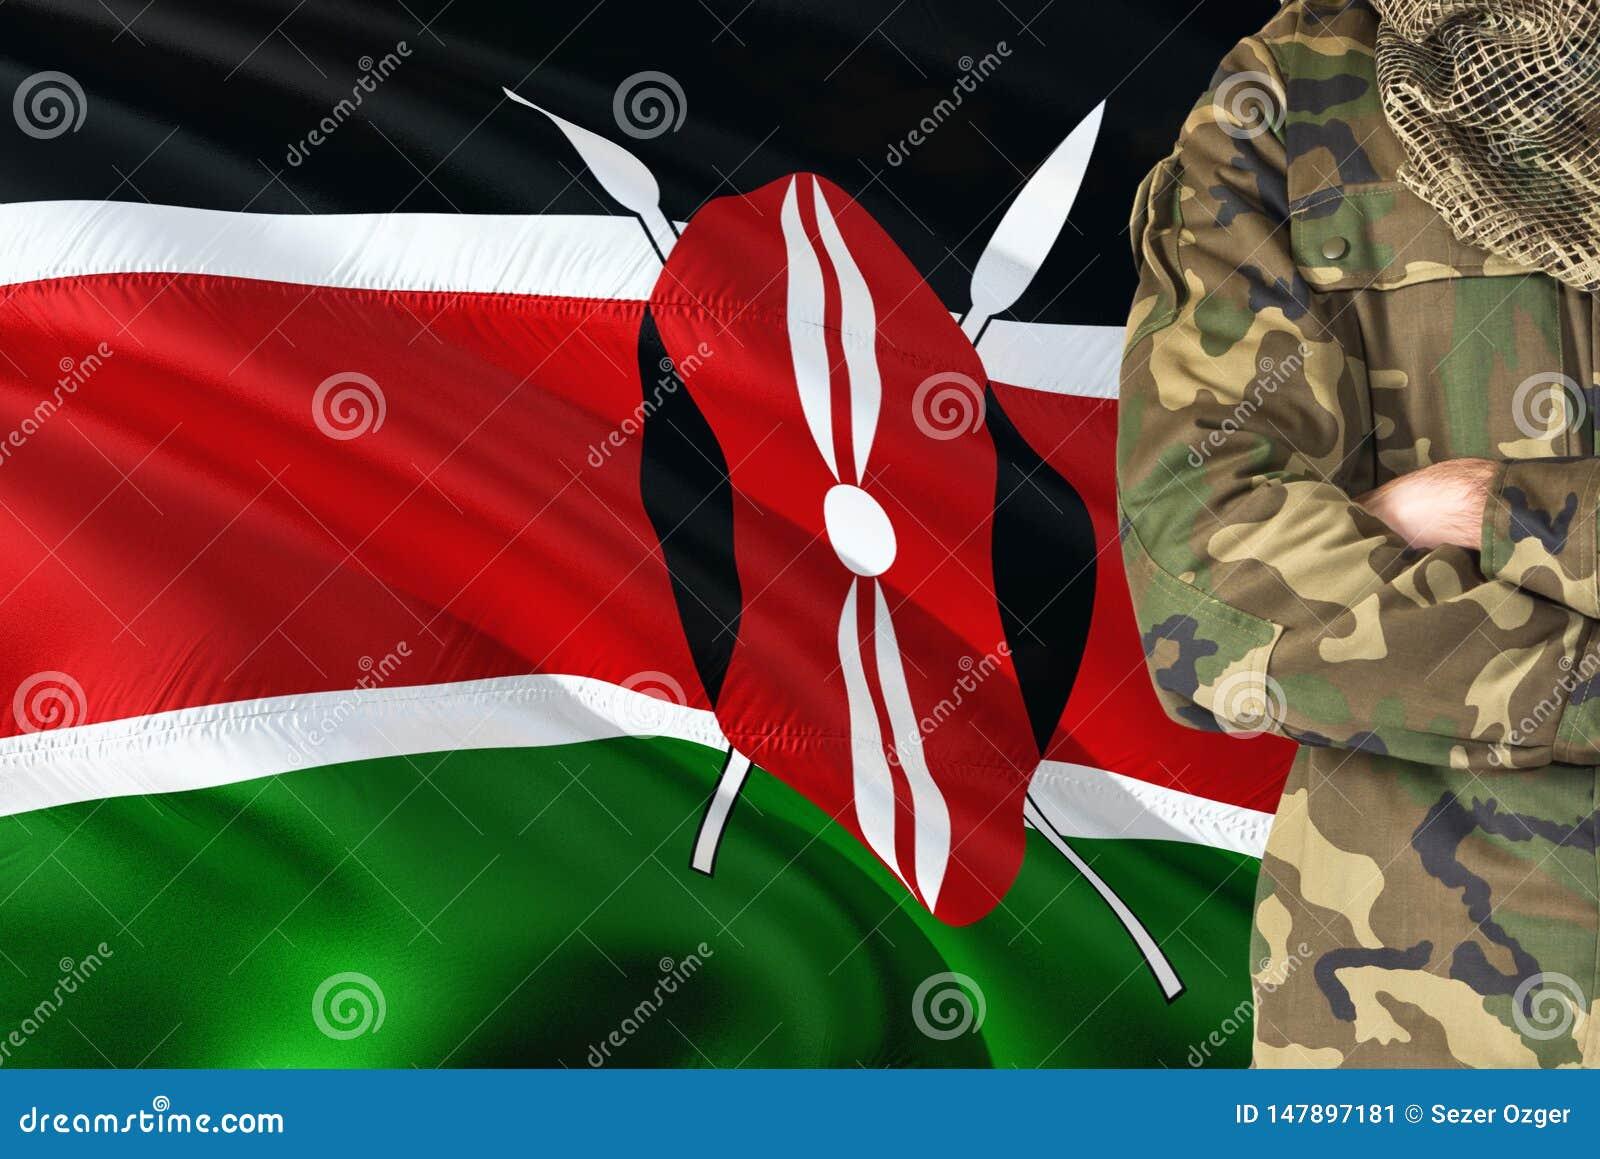 Διασχισμένος κενυατικός στρατιώτης όπλων με την εθνική κυματίζοντας σημαία στο υπόβαθρο - στρατιωτικό θέμα της Κένυας